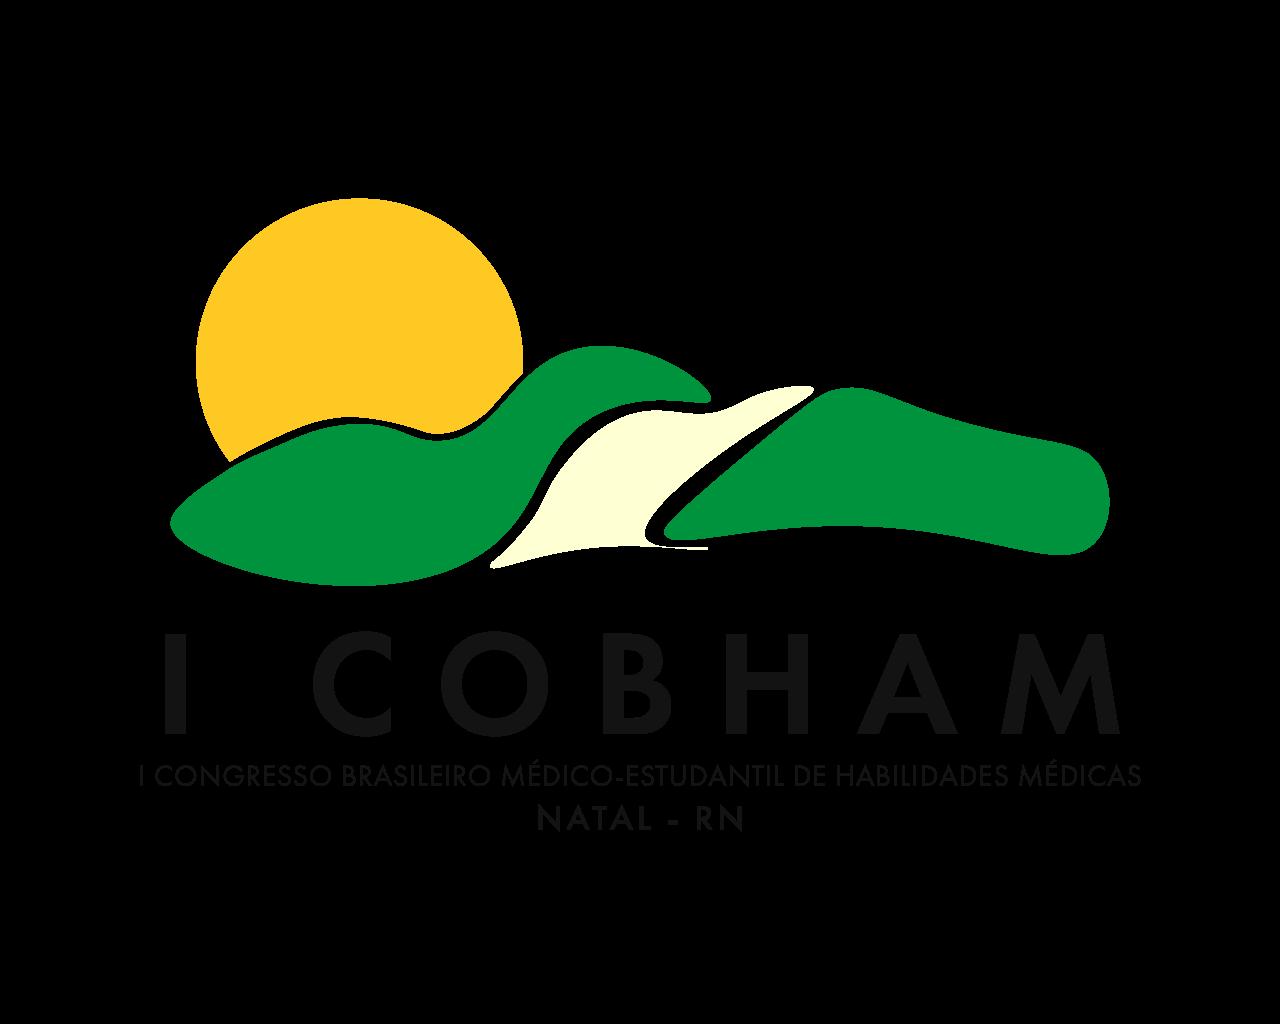 Inscrição - I COBHAM  - CENTRAL DE PAGAMENTOS IFMSA BRAZIL